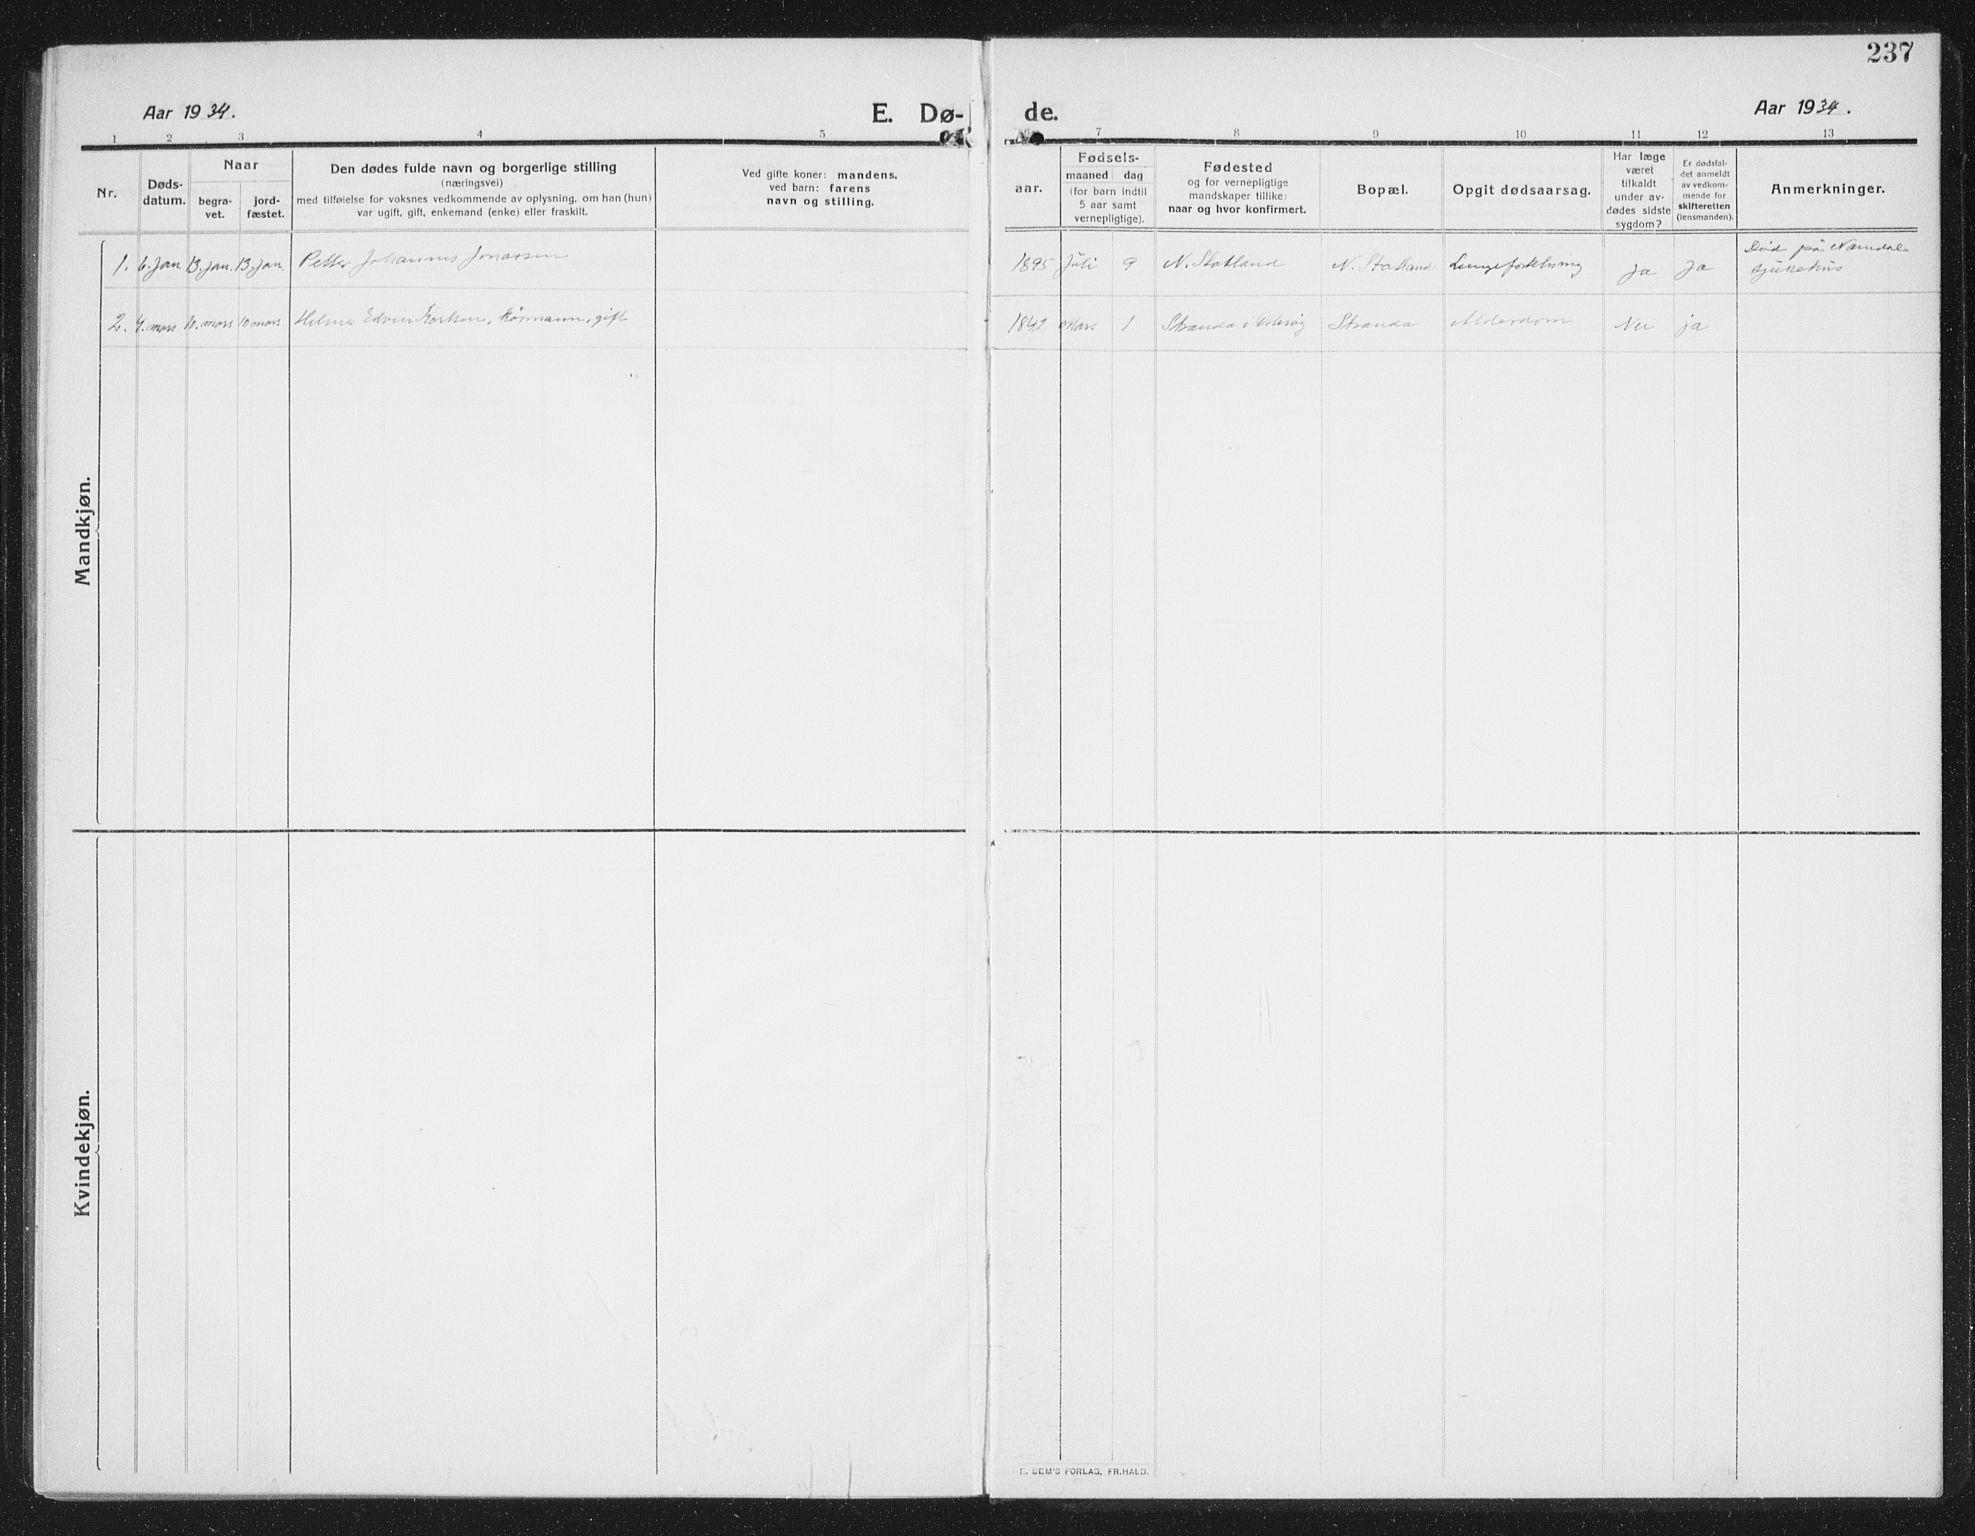 SAT, Ministerialprotokoller, klokkerbøker og fødselsregistre - Nord-Trøndelag, 774/L0630: Klokkerbok nr. 774C01, 1910-1934, s. 237